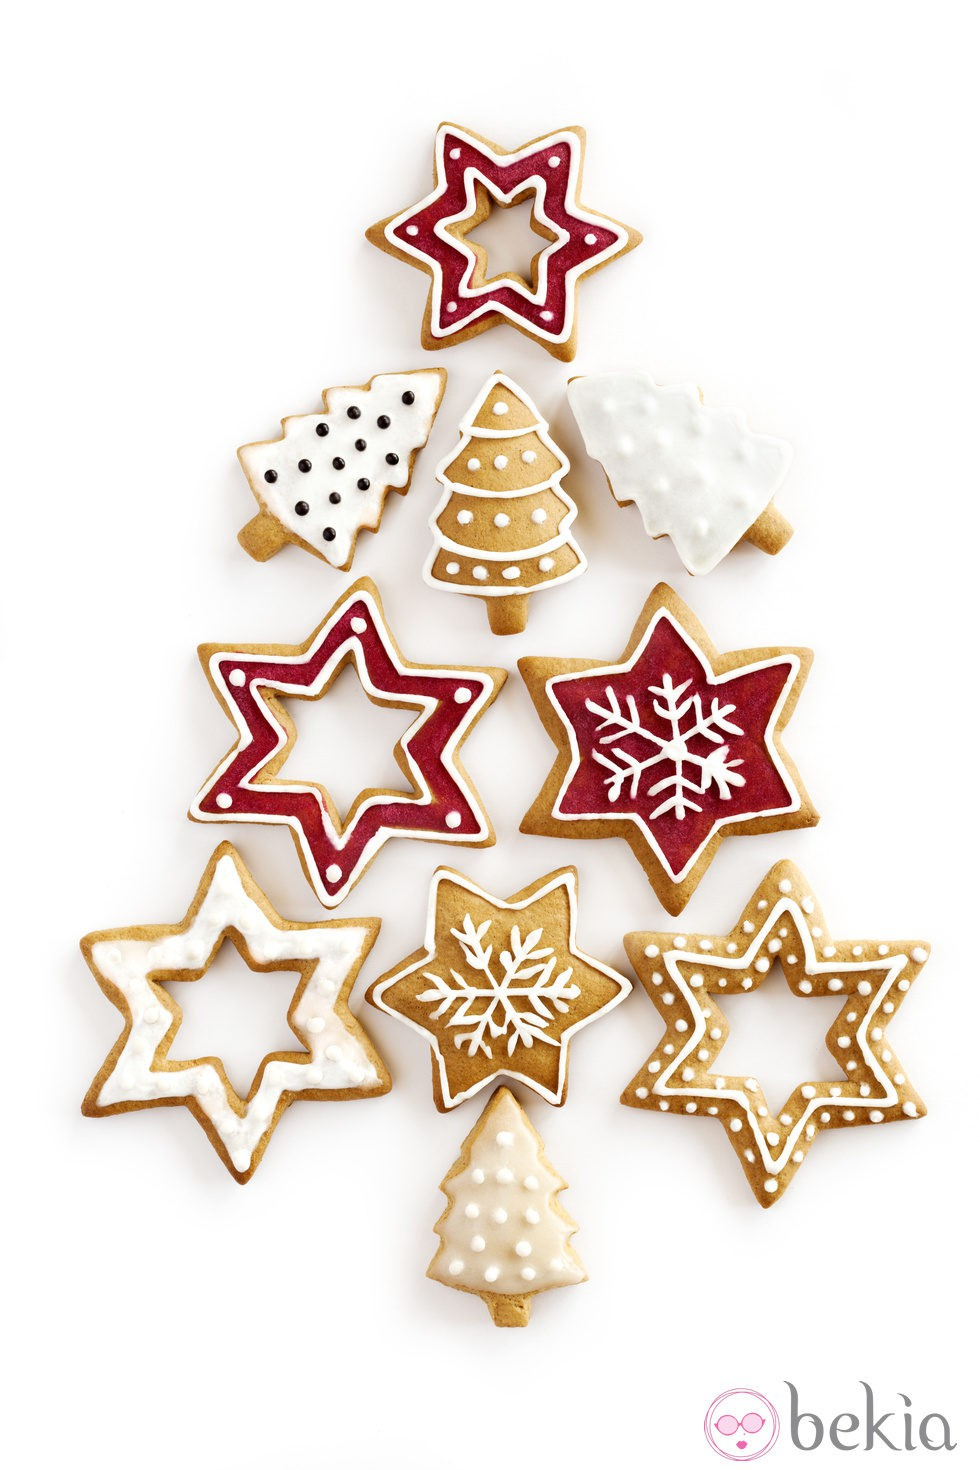 Rbol de navidad de galletas ideas para decorar galletas - Ideas para decorar estrellas de navidad ...